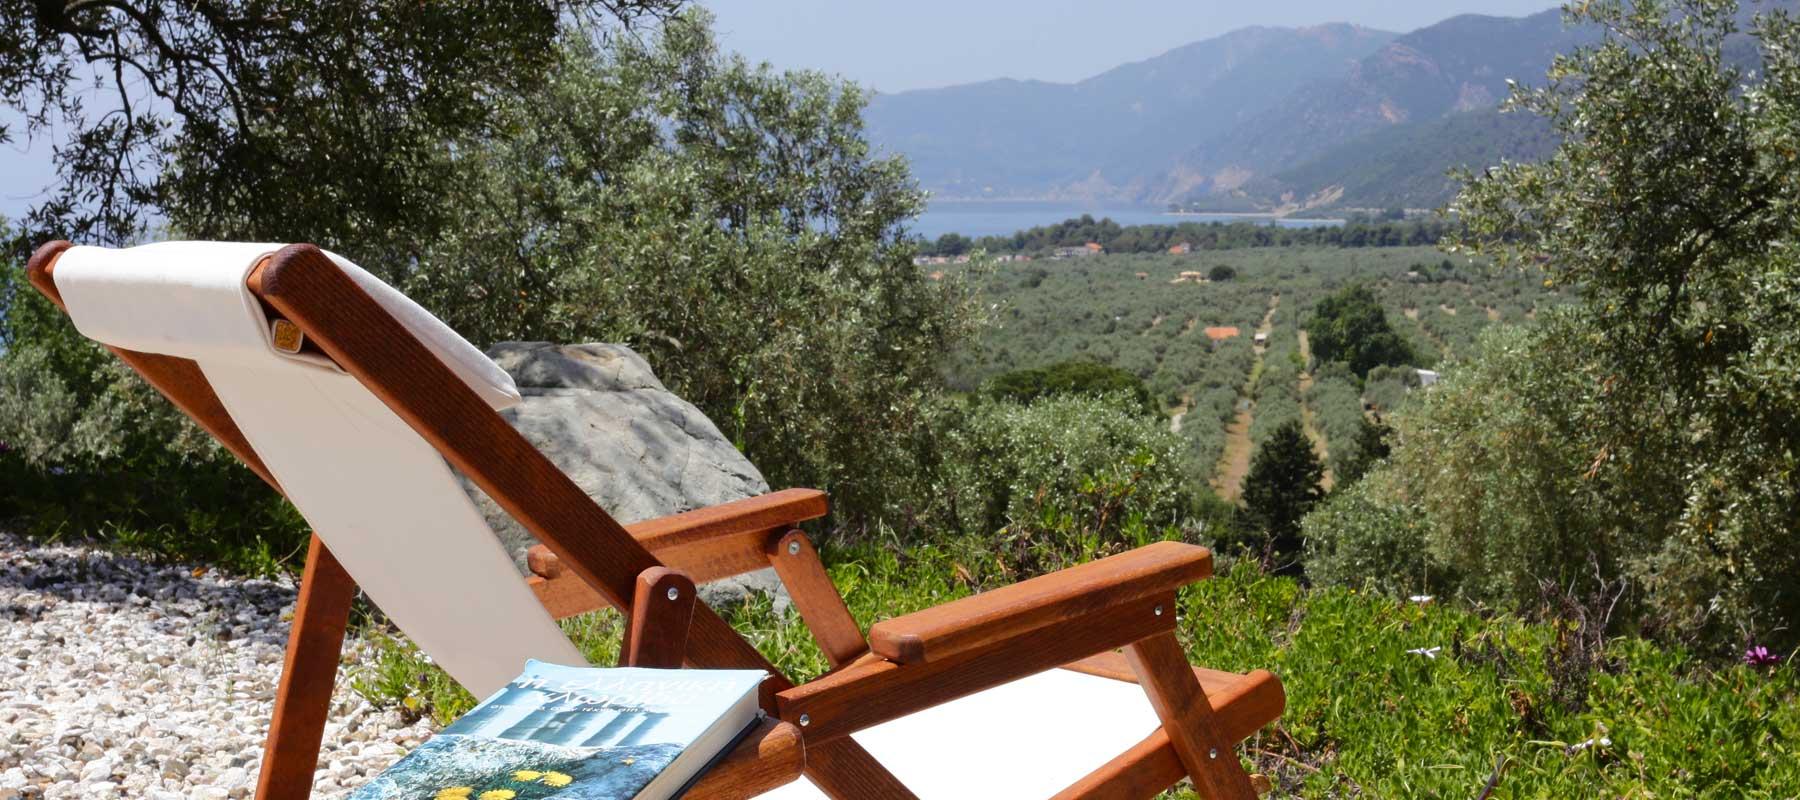 Un paradis calm, cu priveliști senine asupra apelor liniștite ale mării și a întinsei livezi de măslini